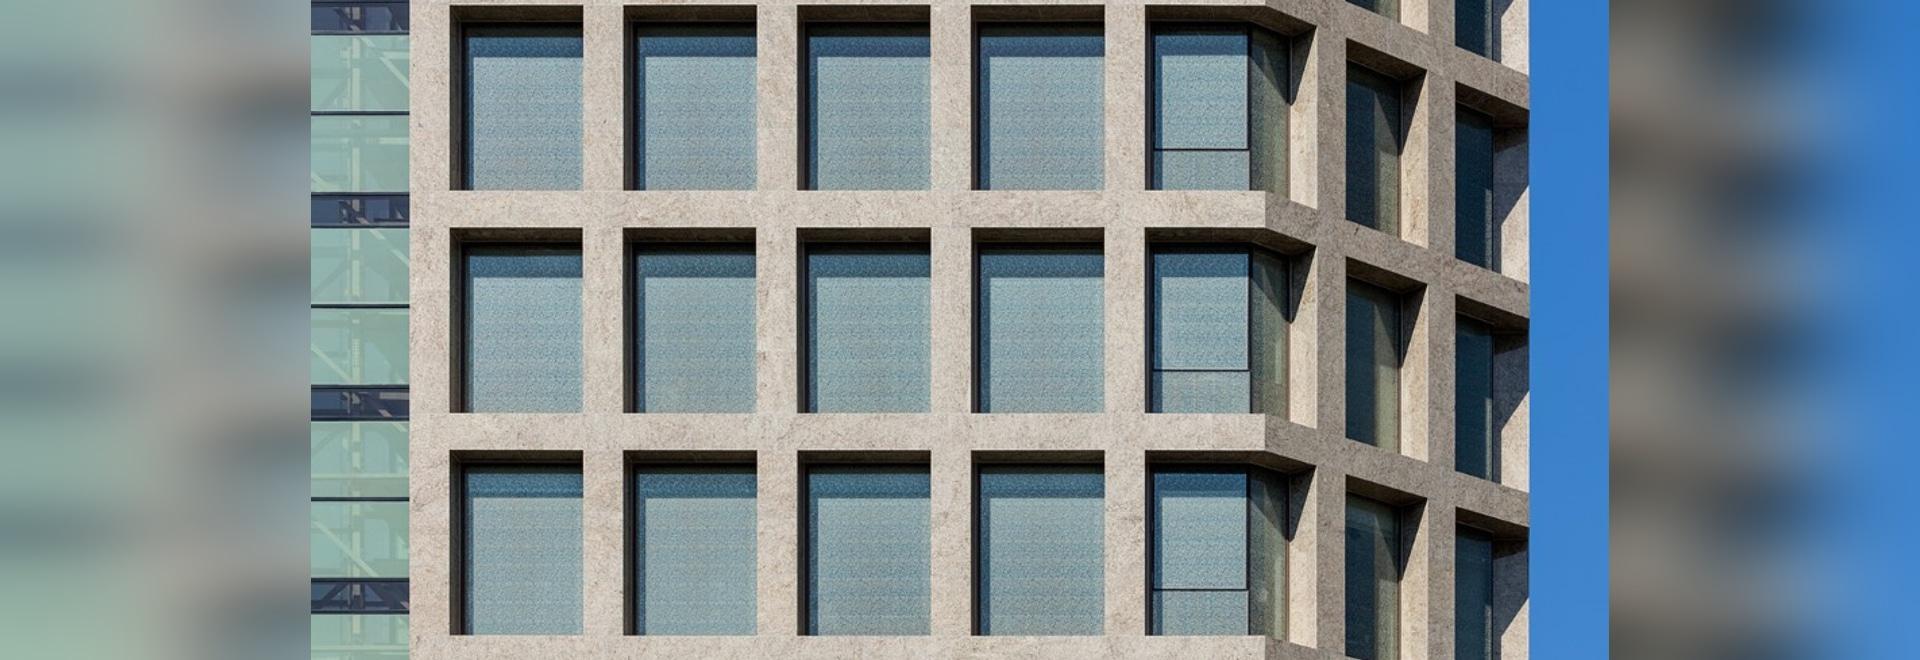 Corea del Sur. Las fachadas rigurosas de una señal urbana monolítica